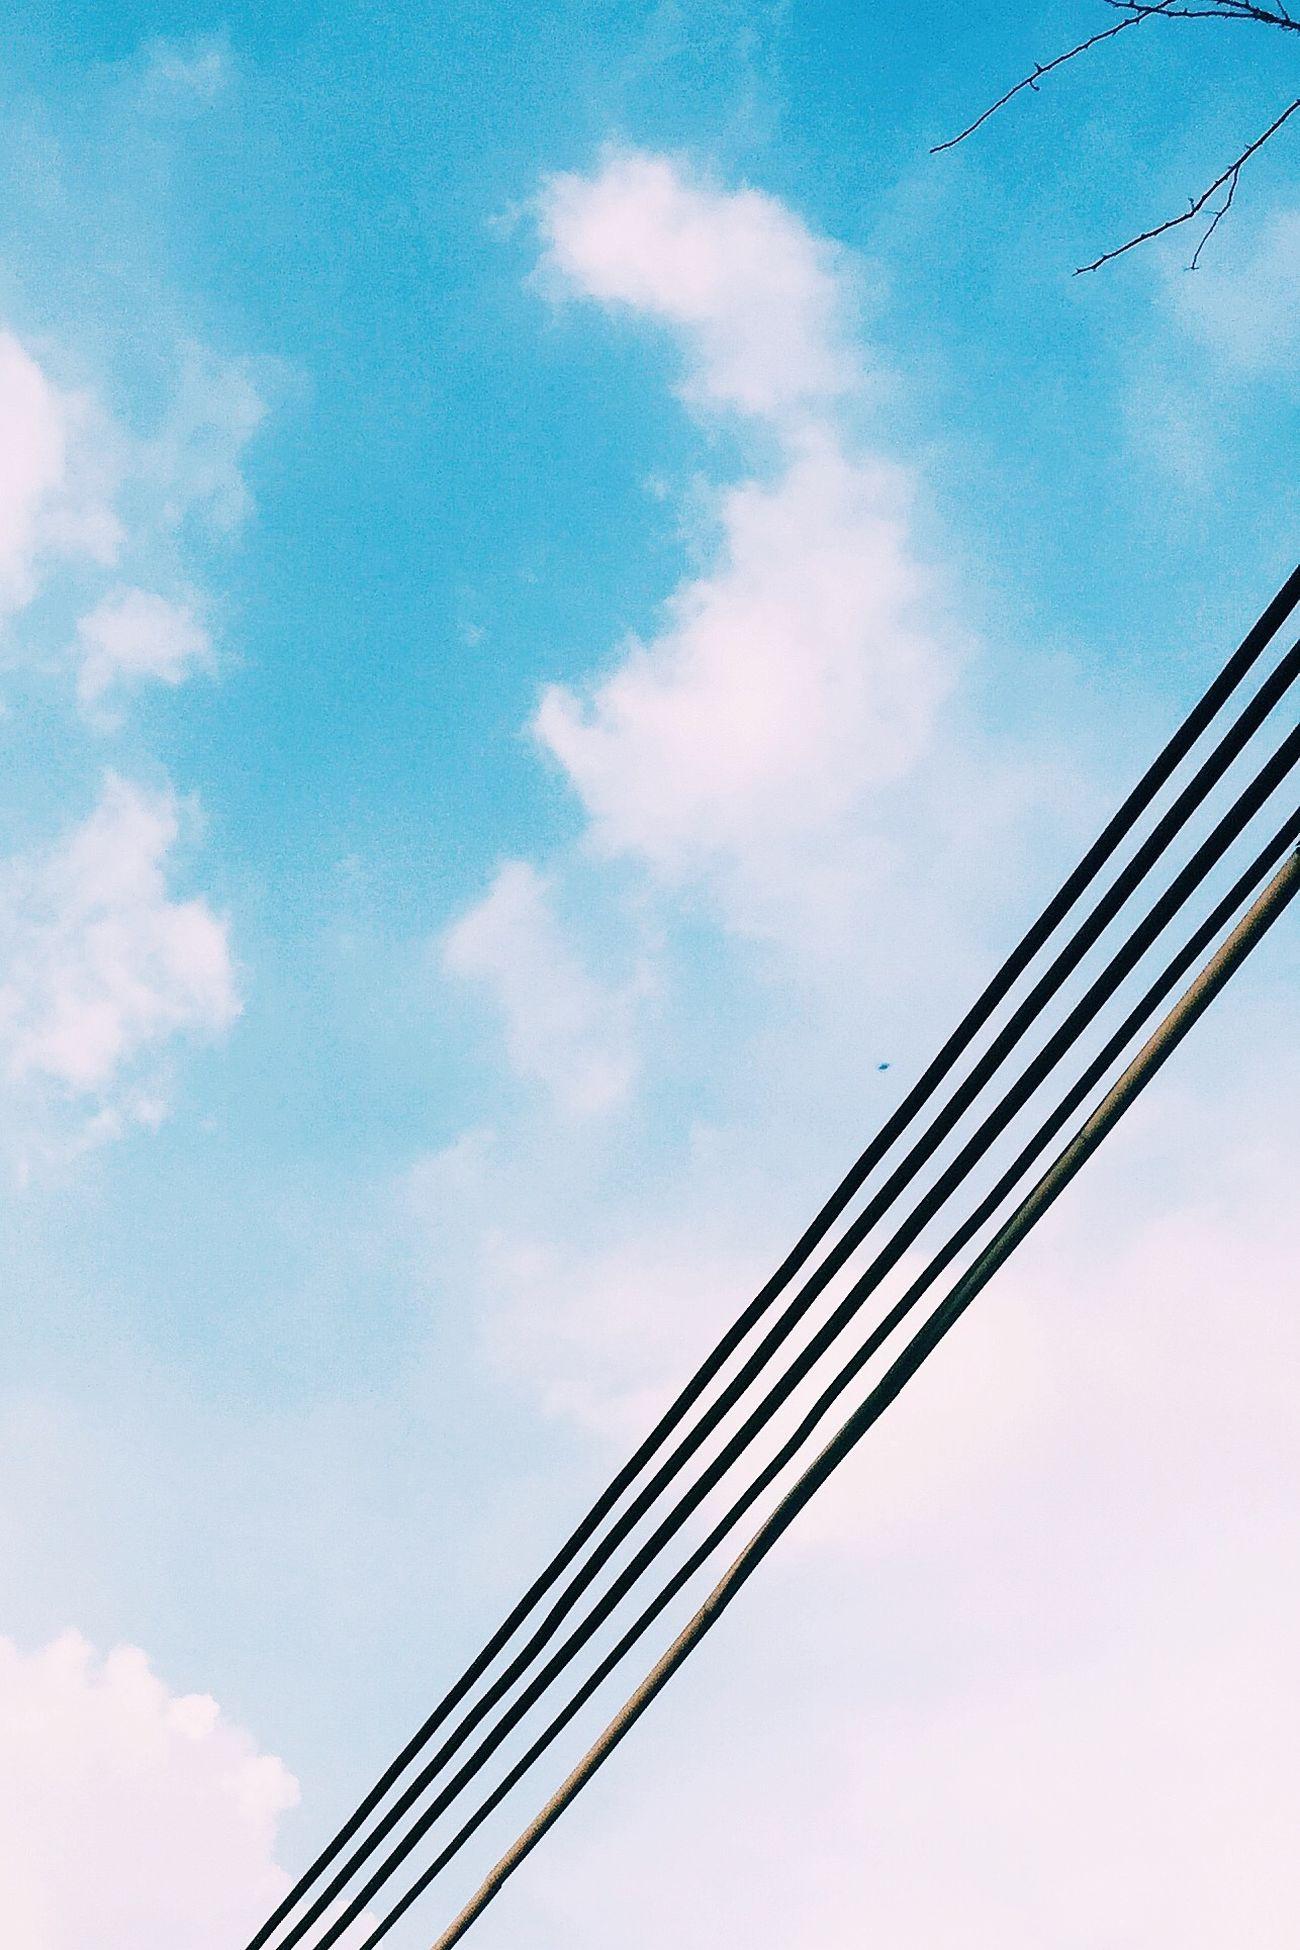 手机摄影 电线 广州 天空 蓝天